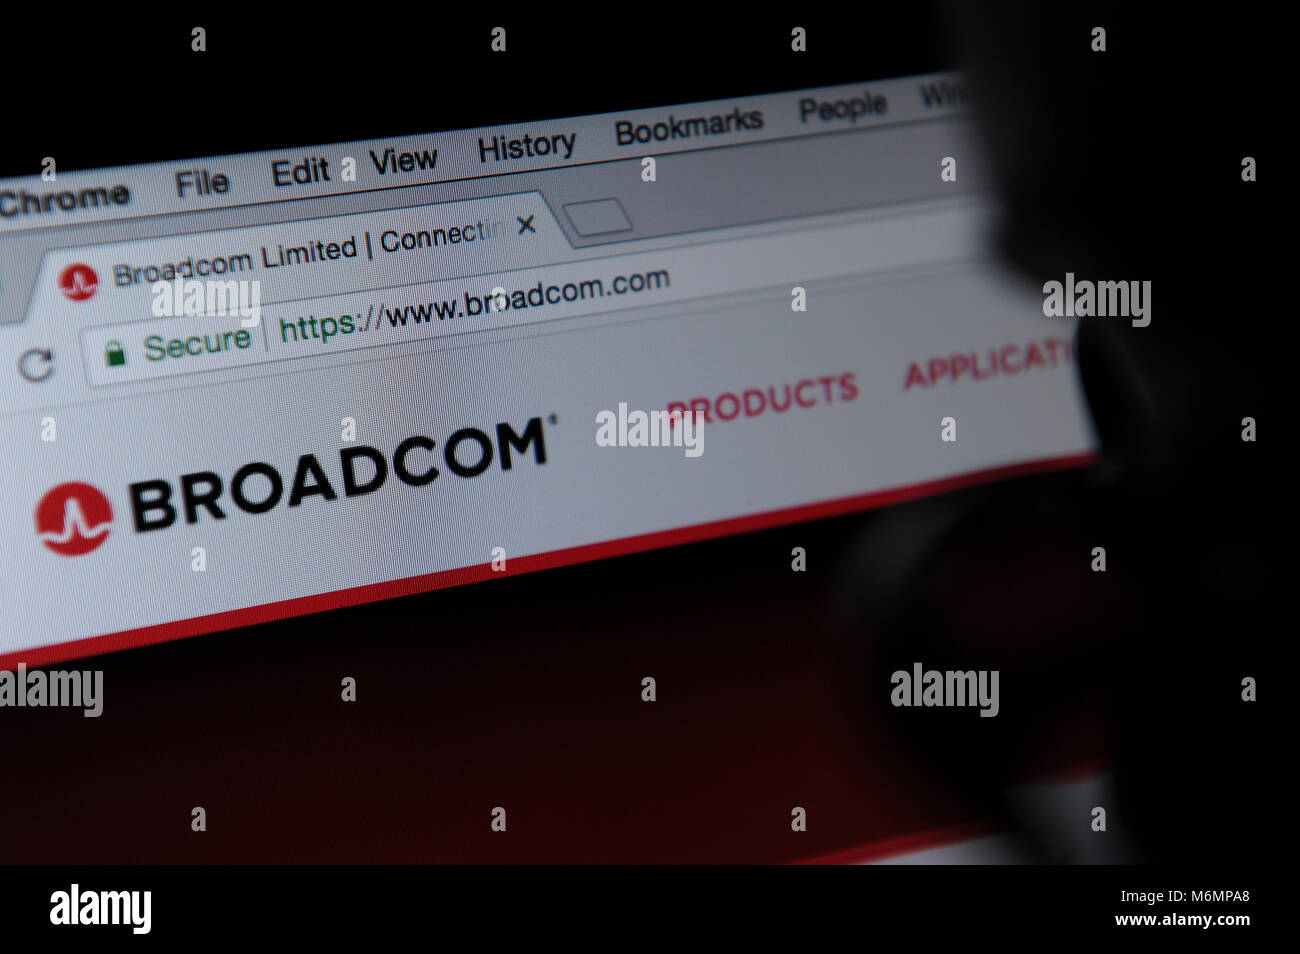 Broadcom Stock Photos & Broadcom Stock Images - Alamy